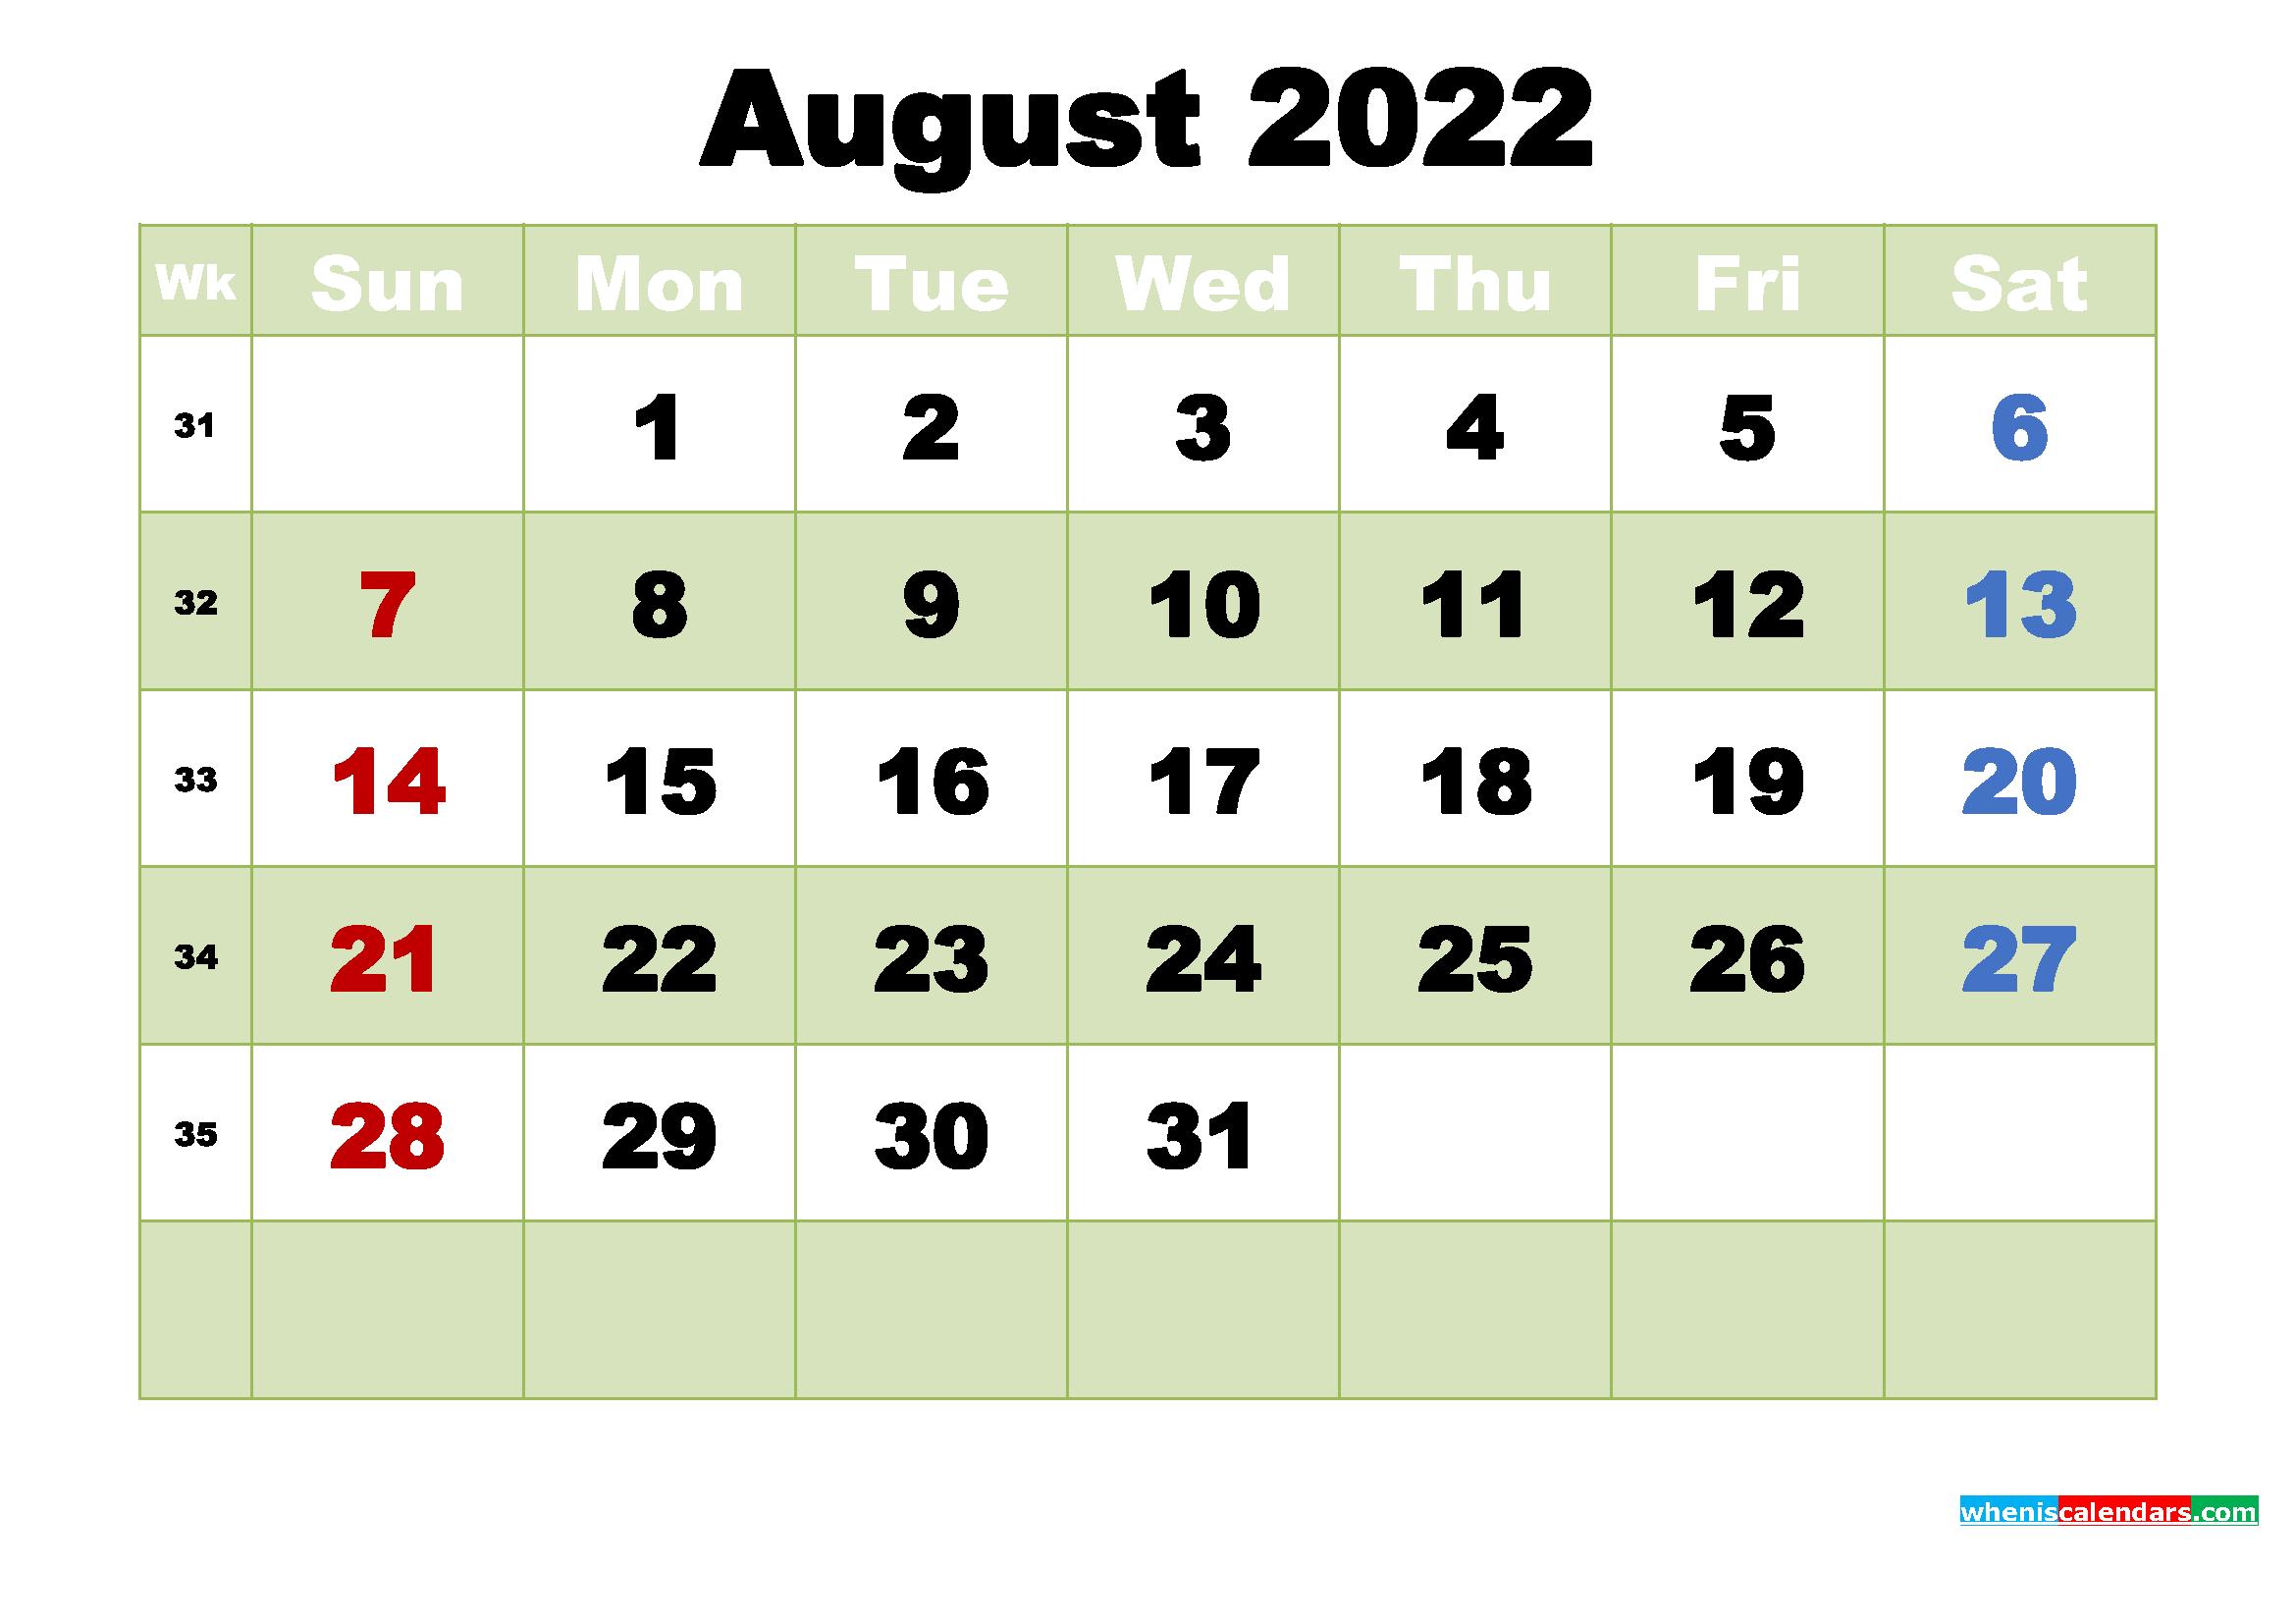 Printable Calendar for August 2022